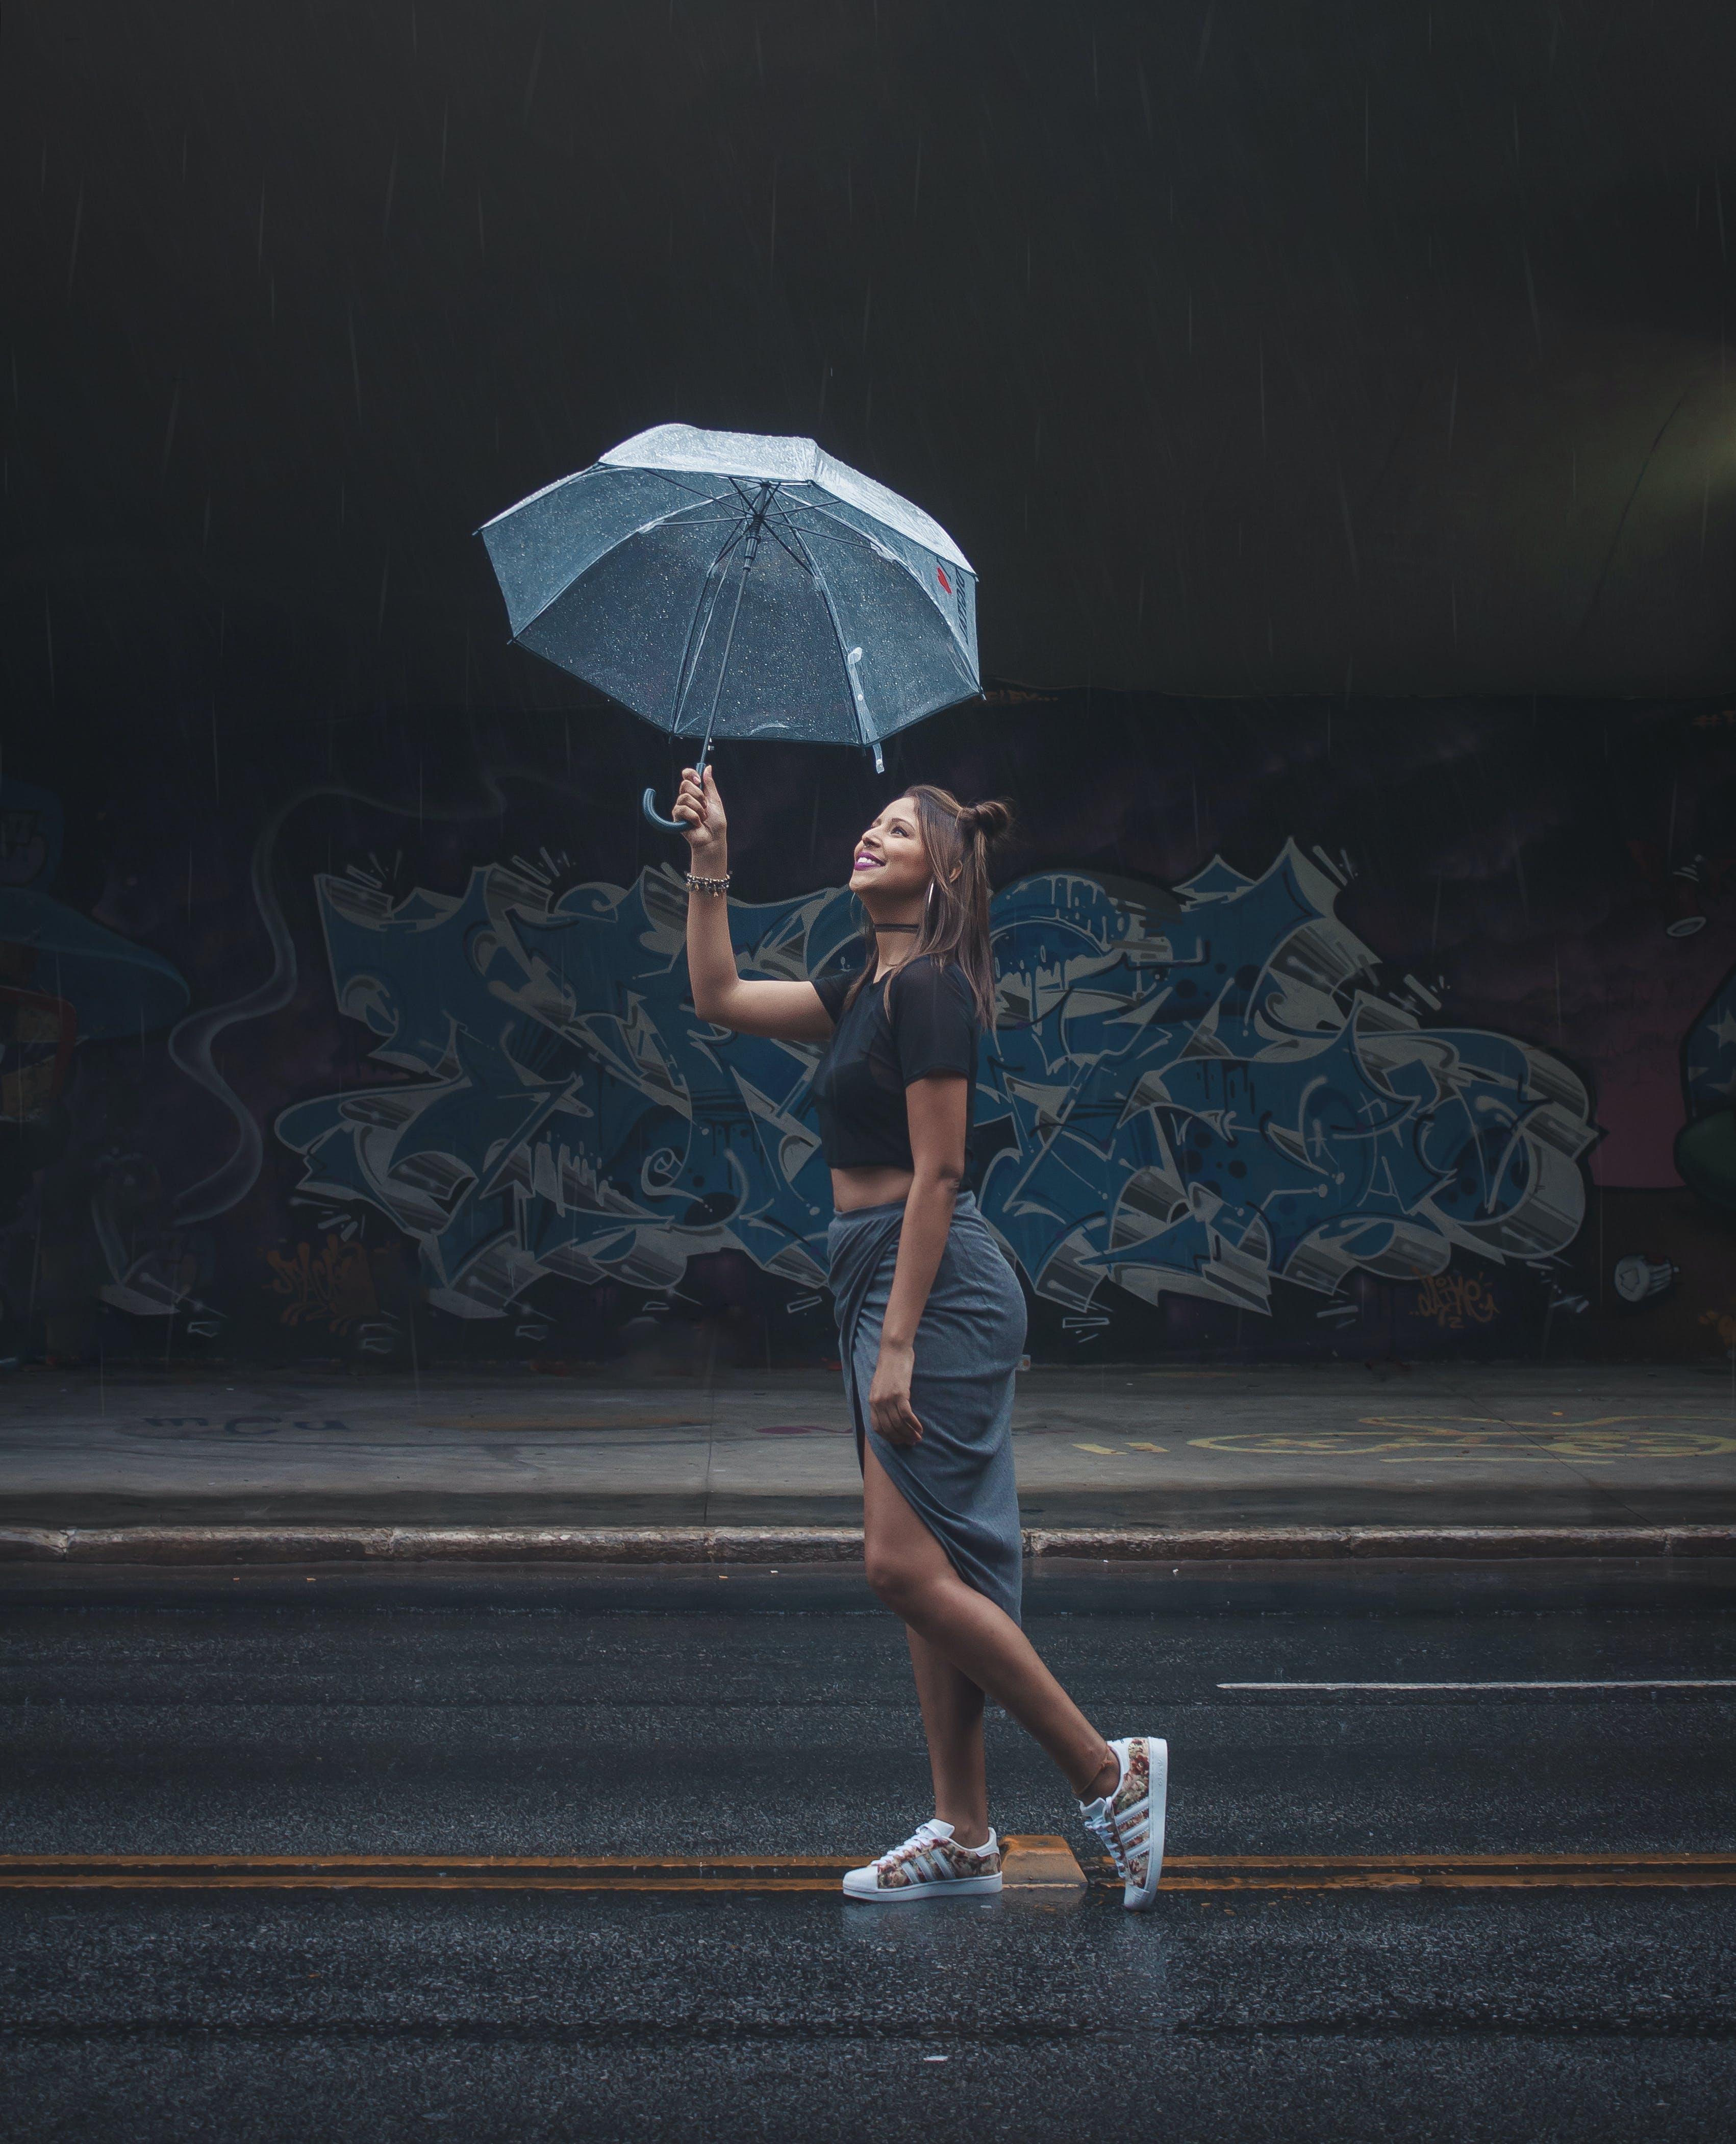 aşındırmak, Kadın, kaygısız, moda içeren Ücretsiz stok fotoğraf